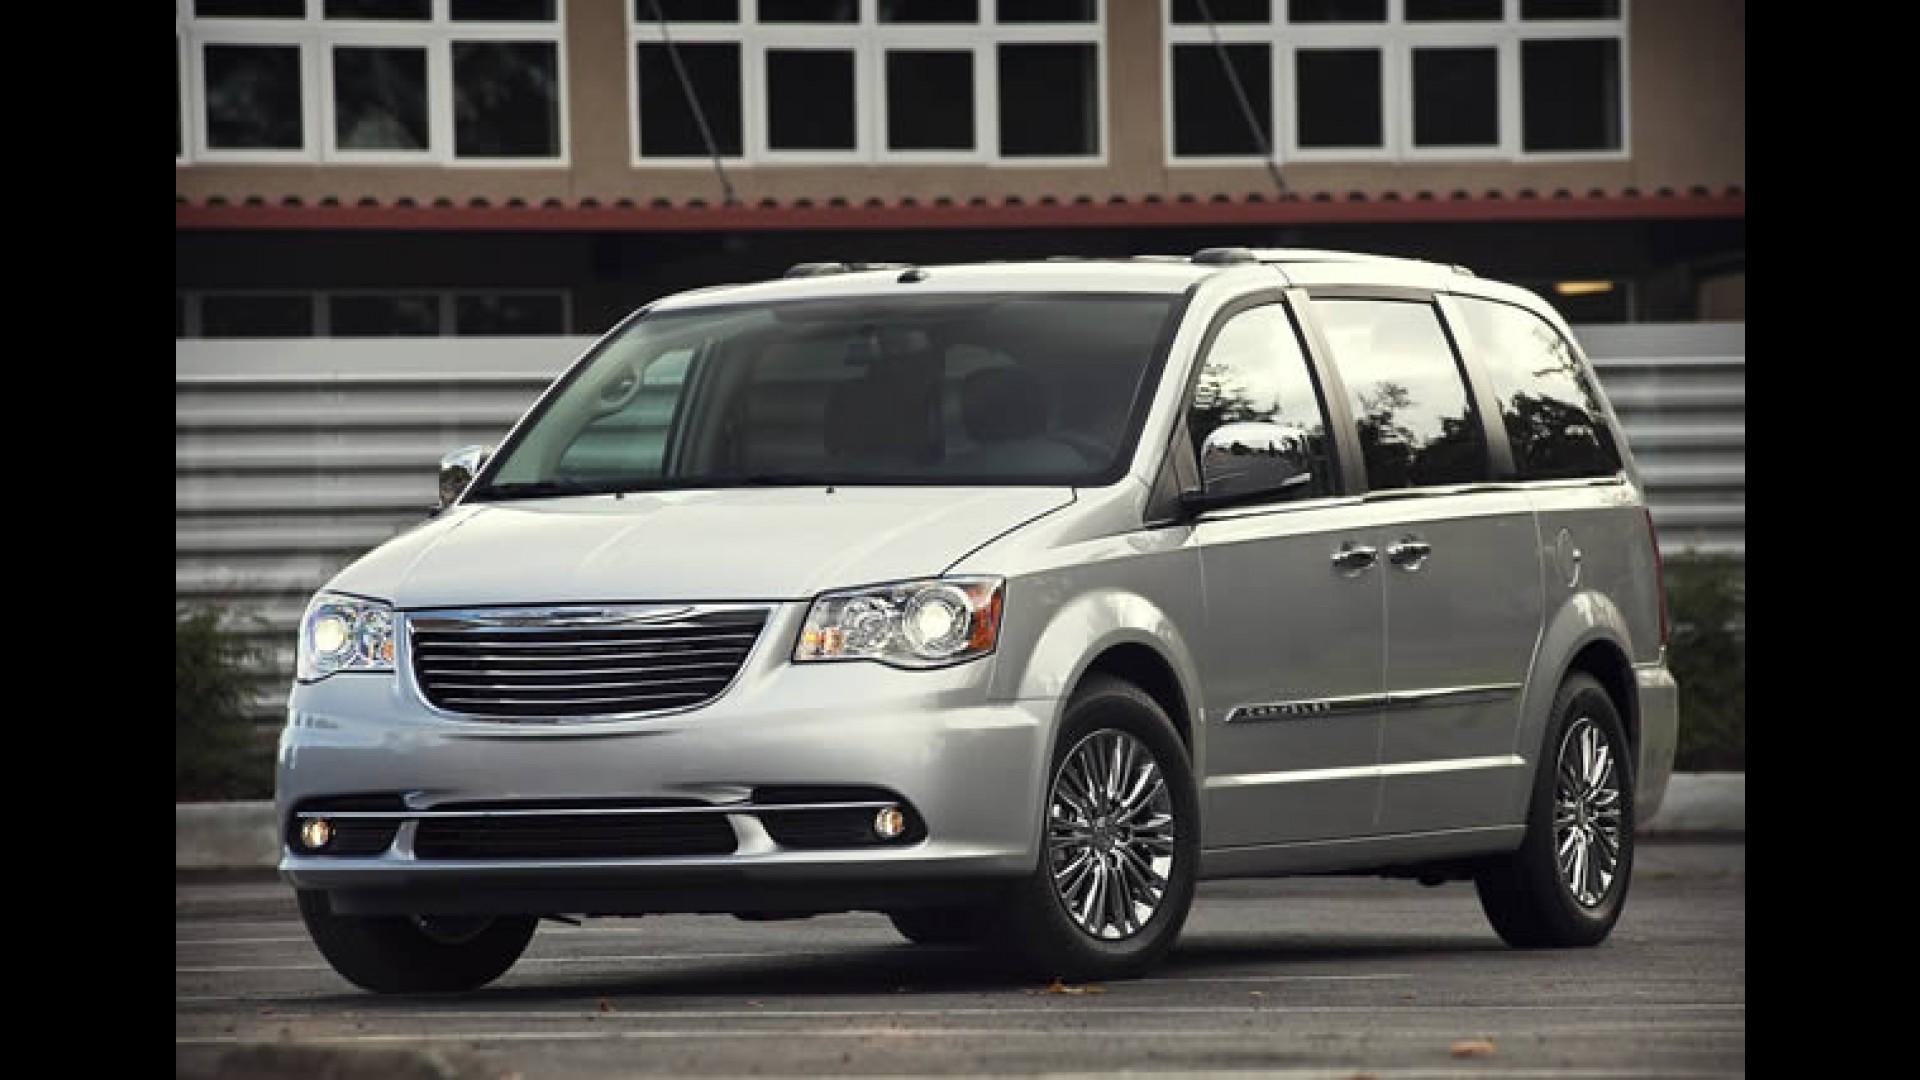 Chrysler Town U0026 Country E Jeep Compass Deverão Sair De Linha Em 2014  Product 2012 05 30 09:00:15